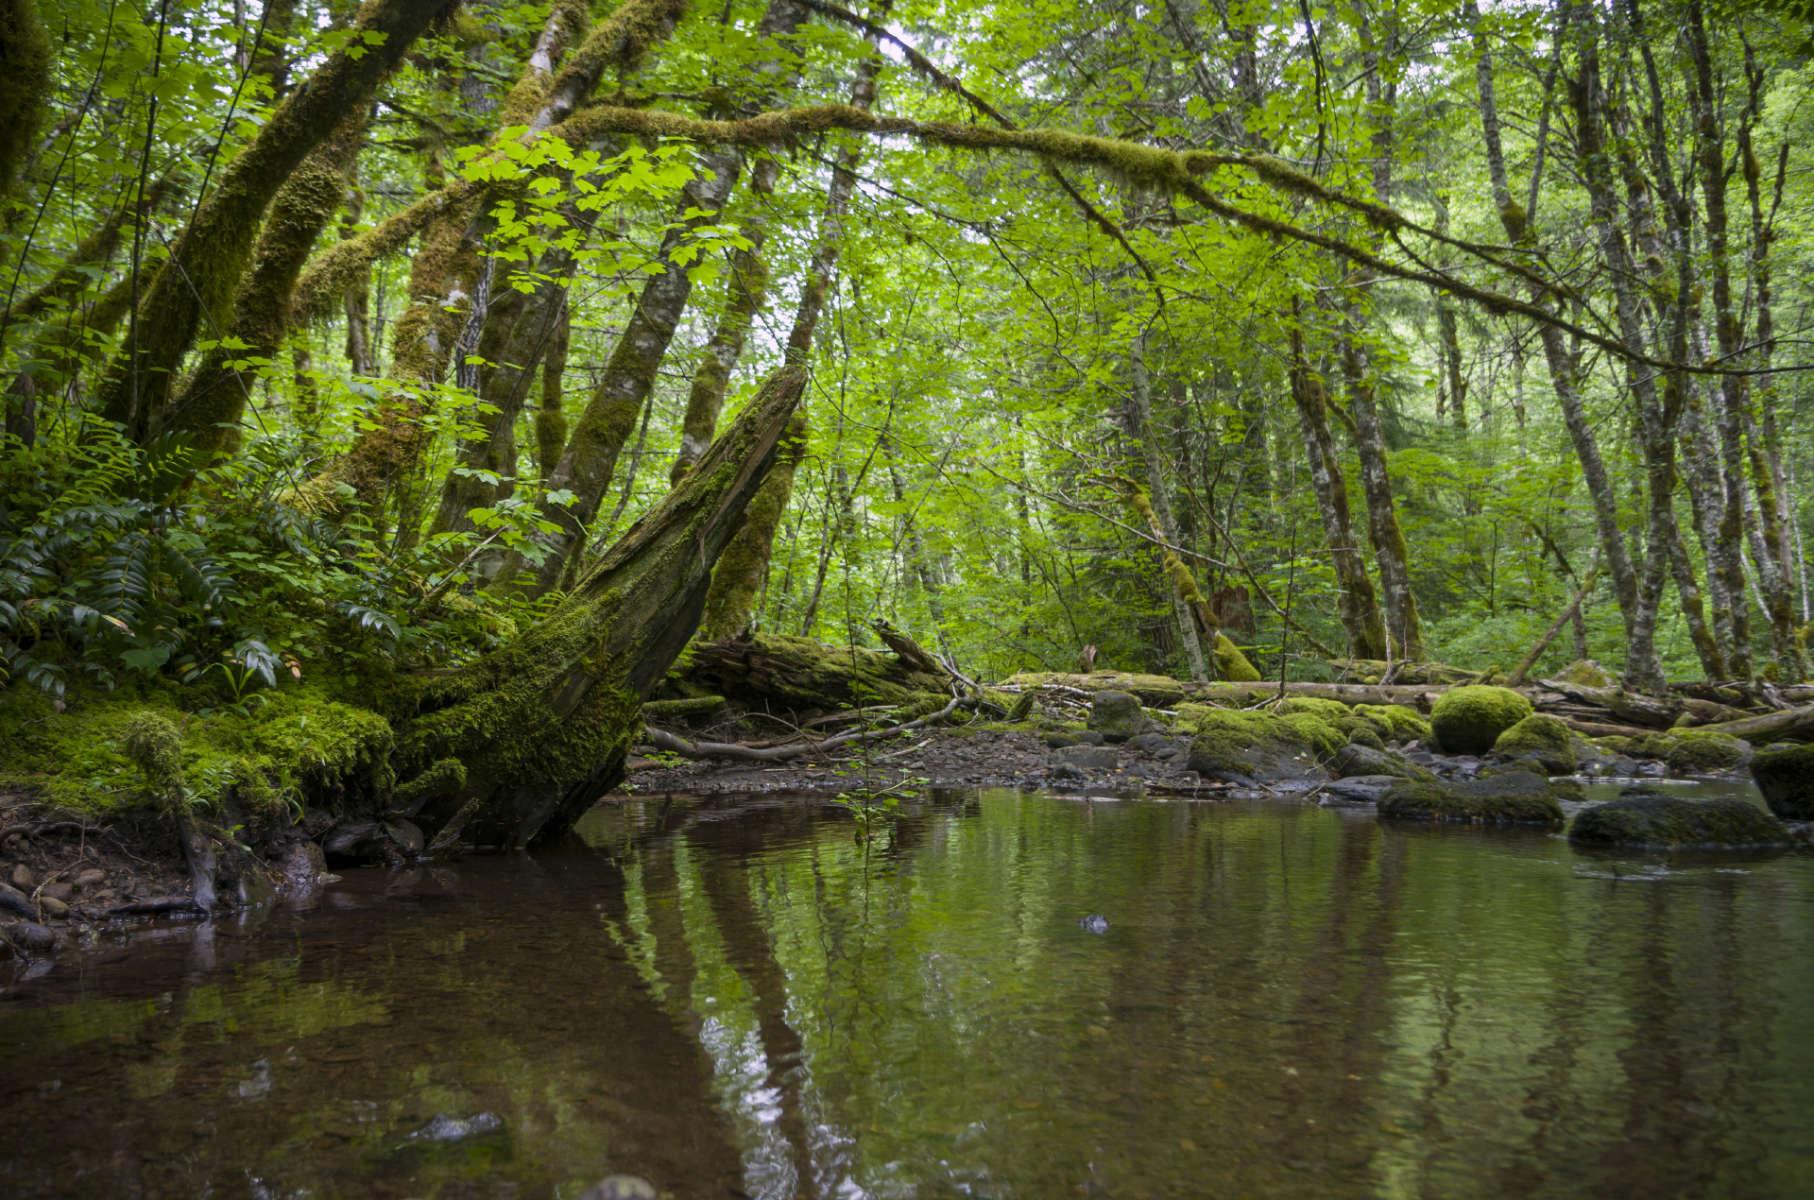 La Wis Wis Campground, Cowlitz River, Gifford Pinchot